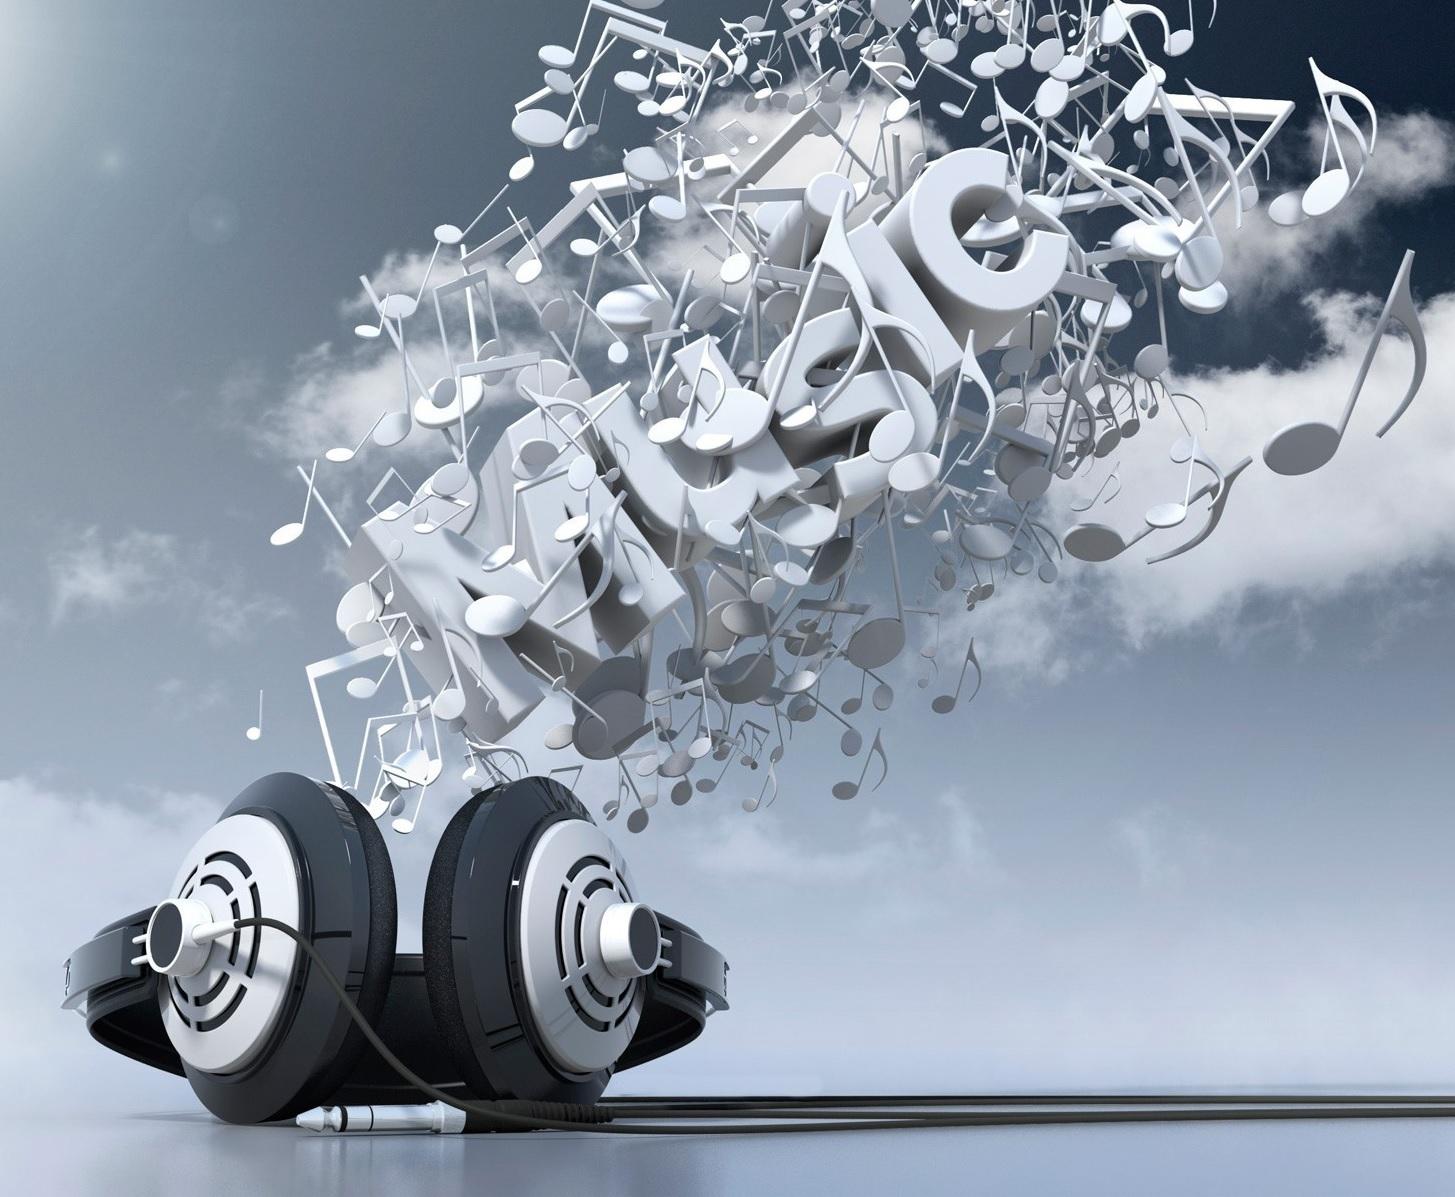 En iyi iPhone Müzik uygulamaları ve servisleri